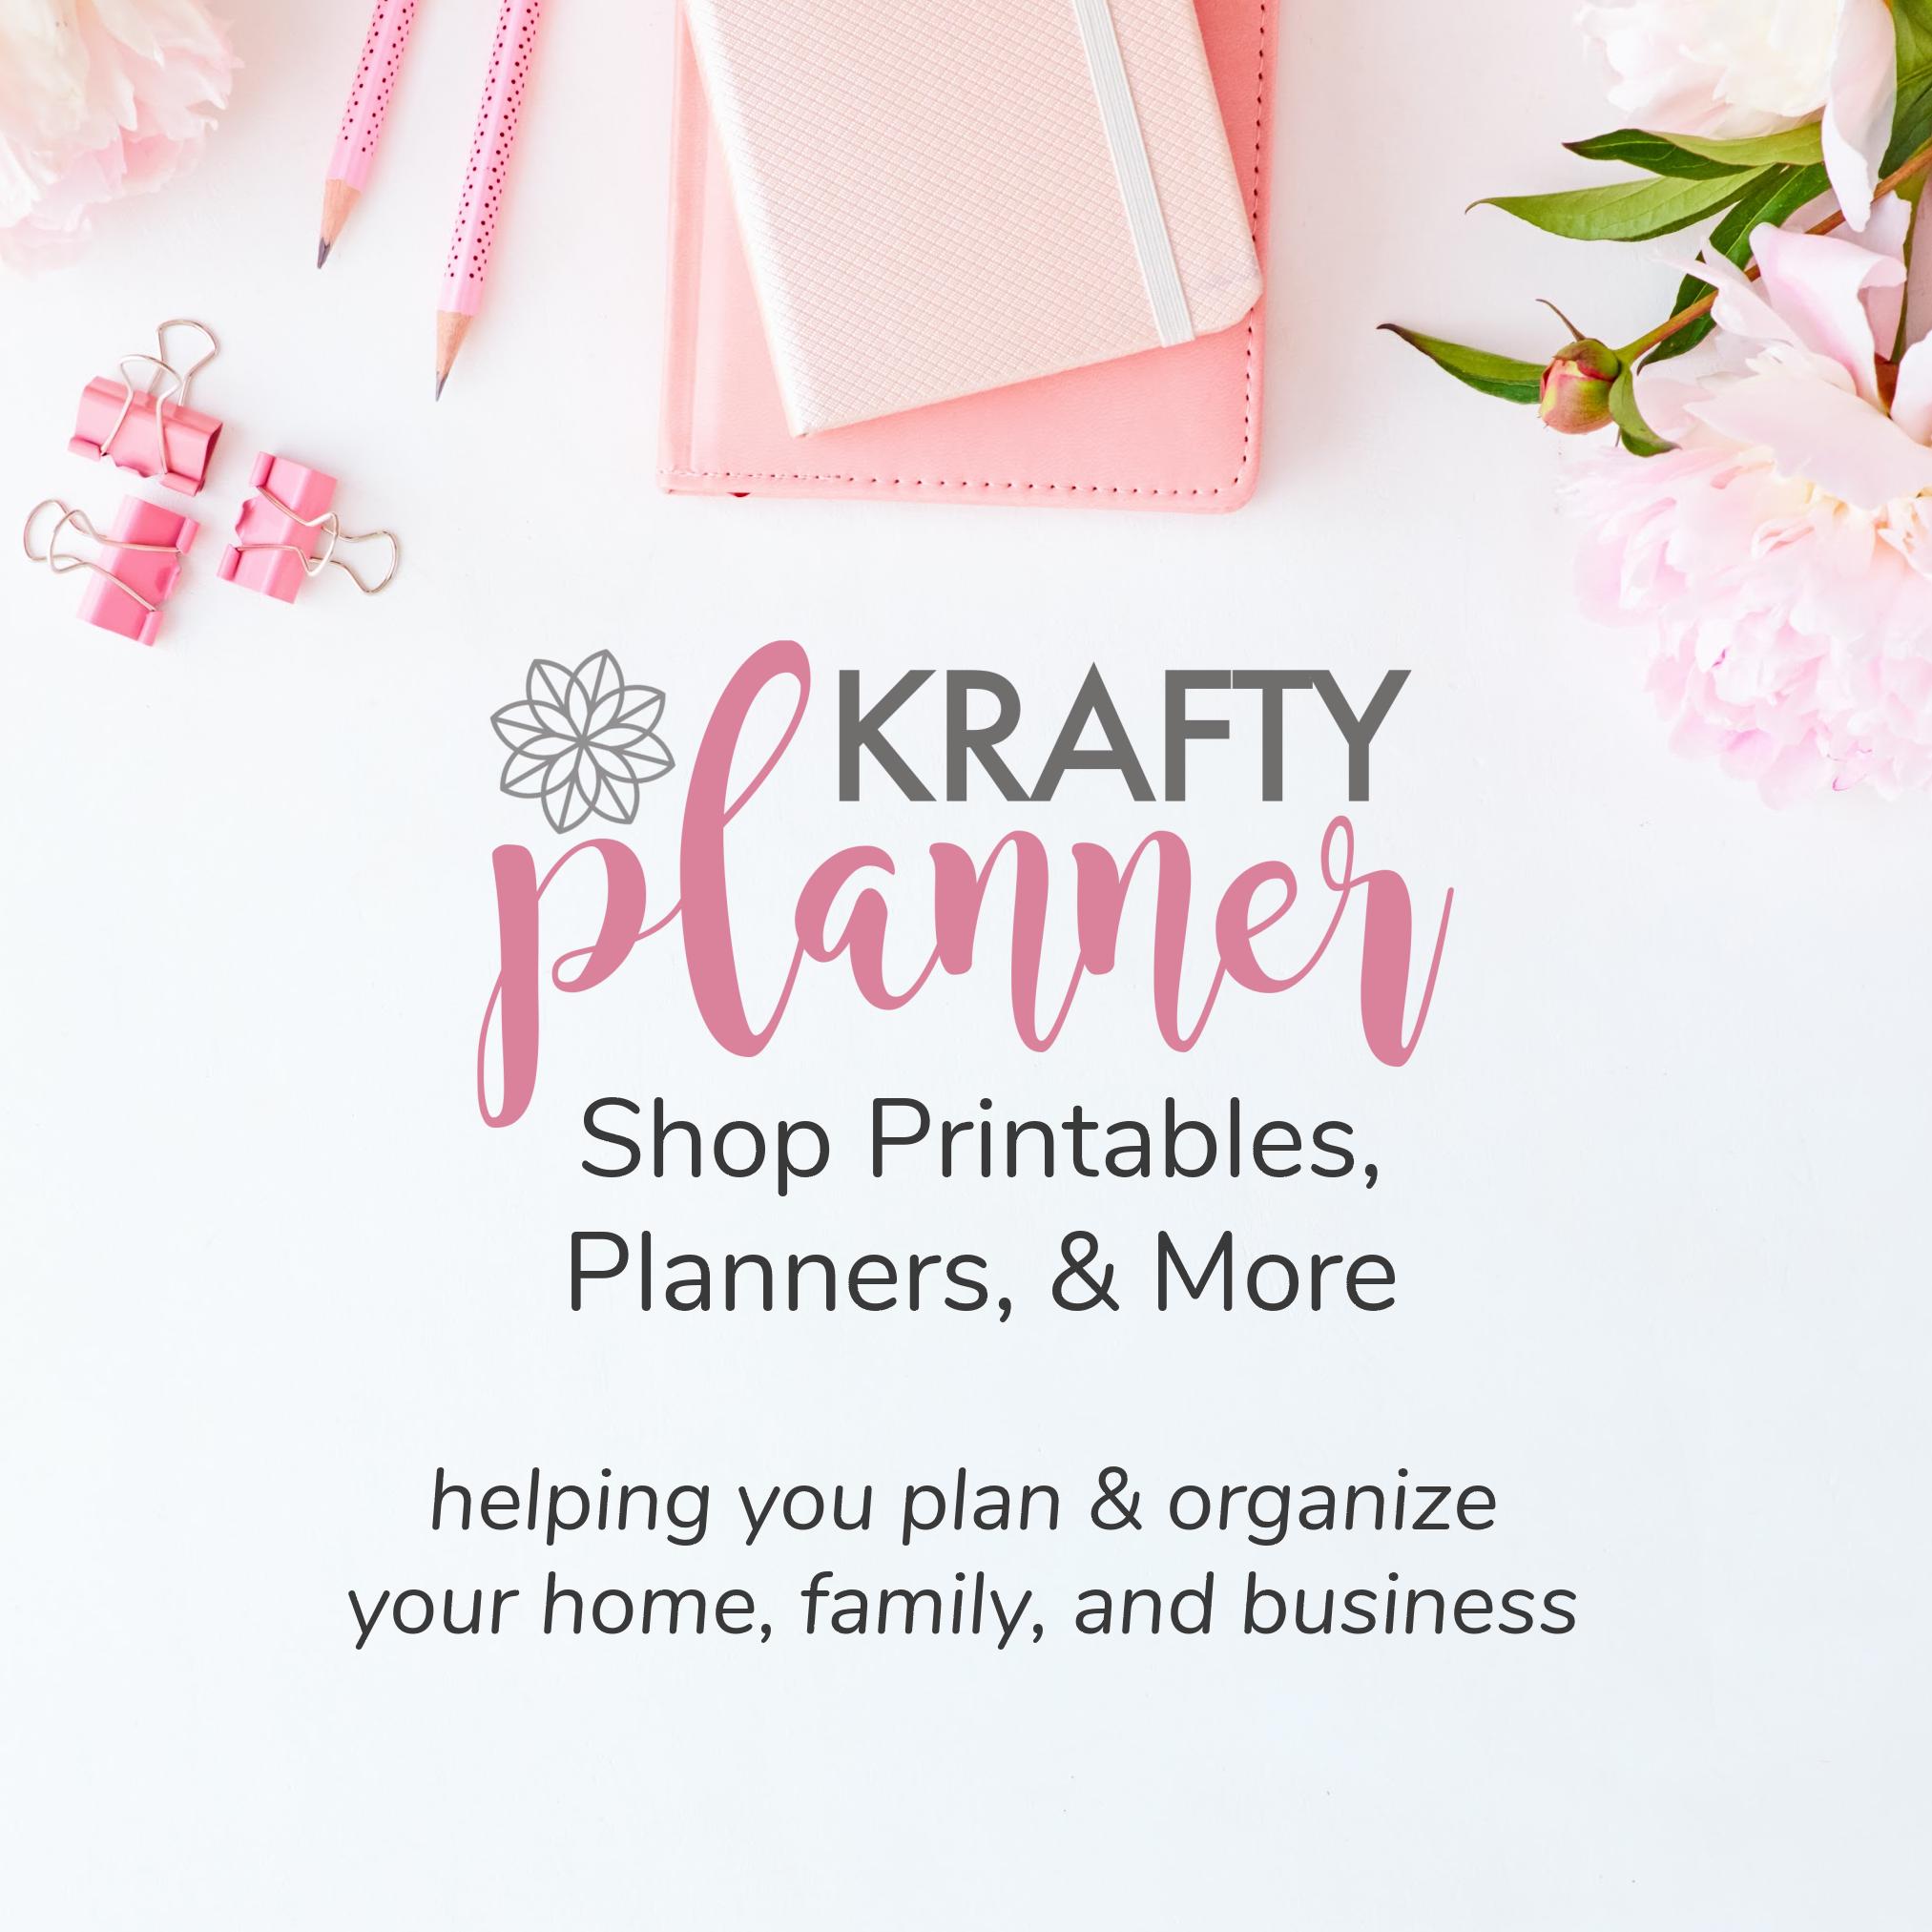 Krafty Planner Shop.png